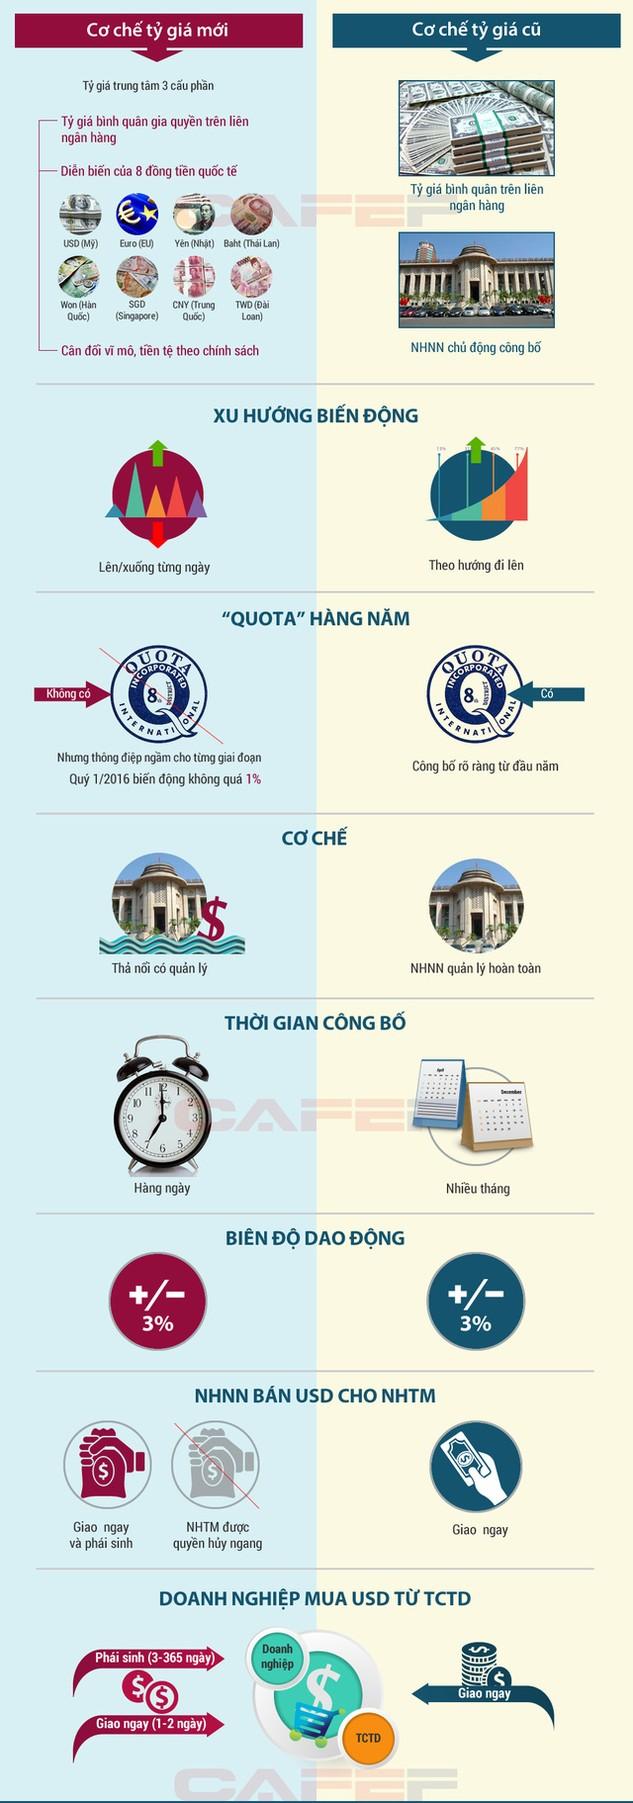 Sự khác biệt giữa cơ chế tỷ giá mới và tỷ giá cũ